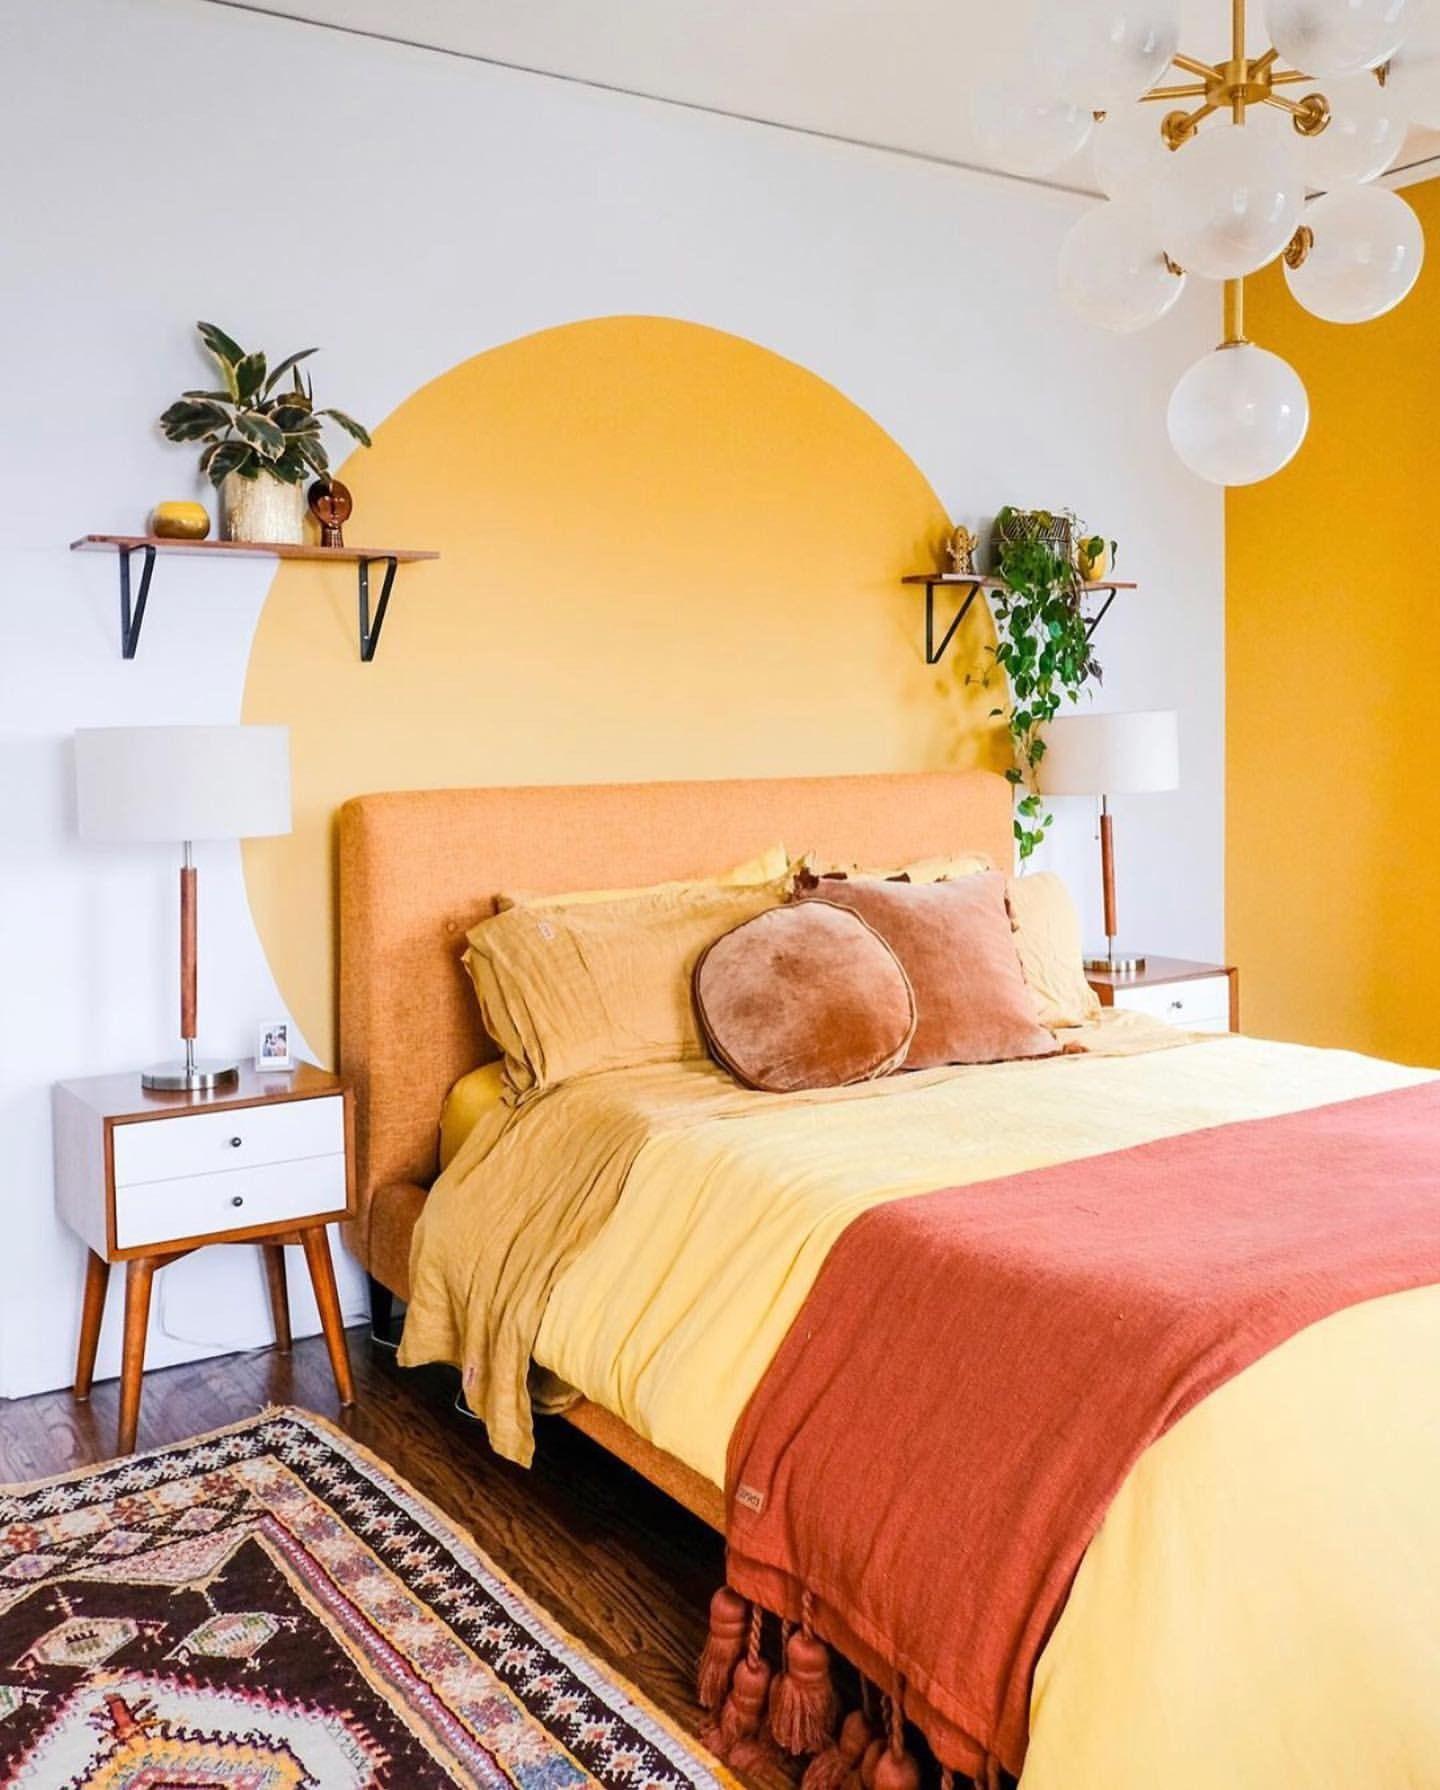 Photo of Decoro del giorno: stanza gialla con vernice diversa sulla testiera